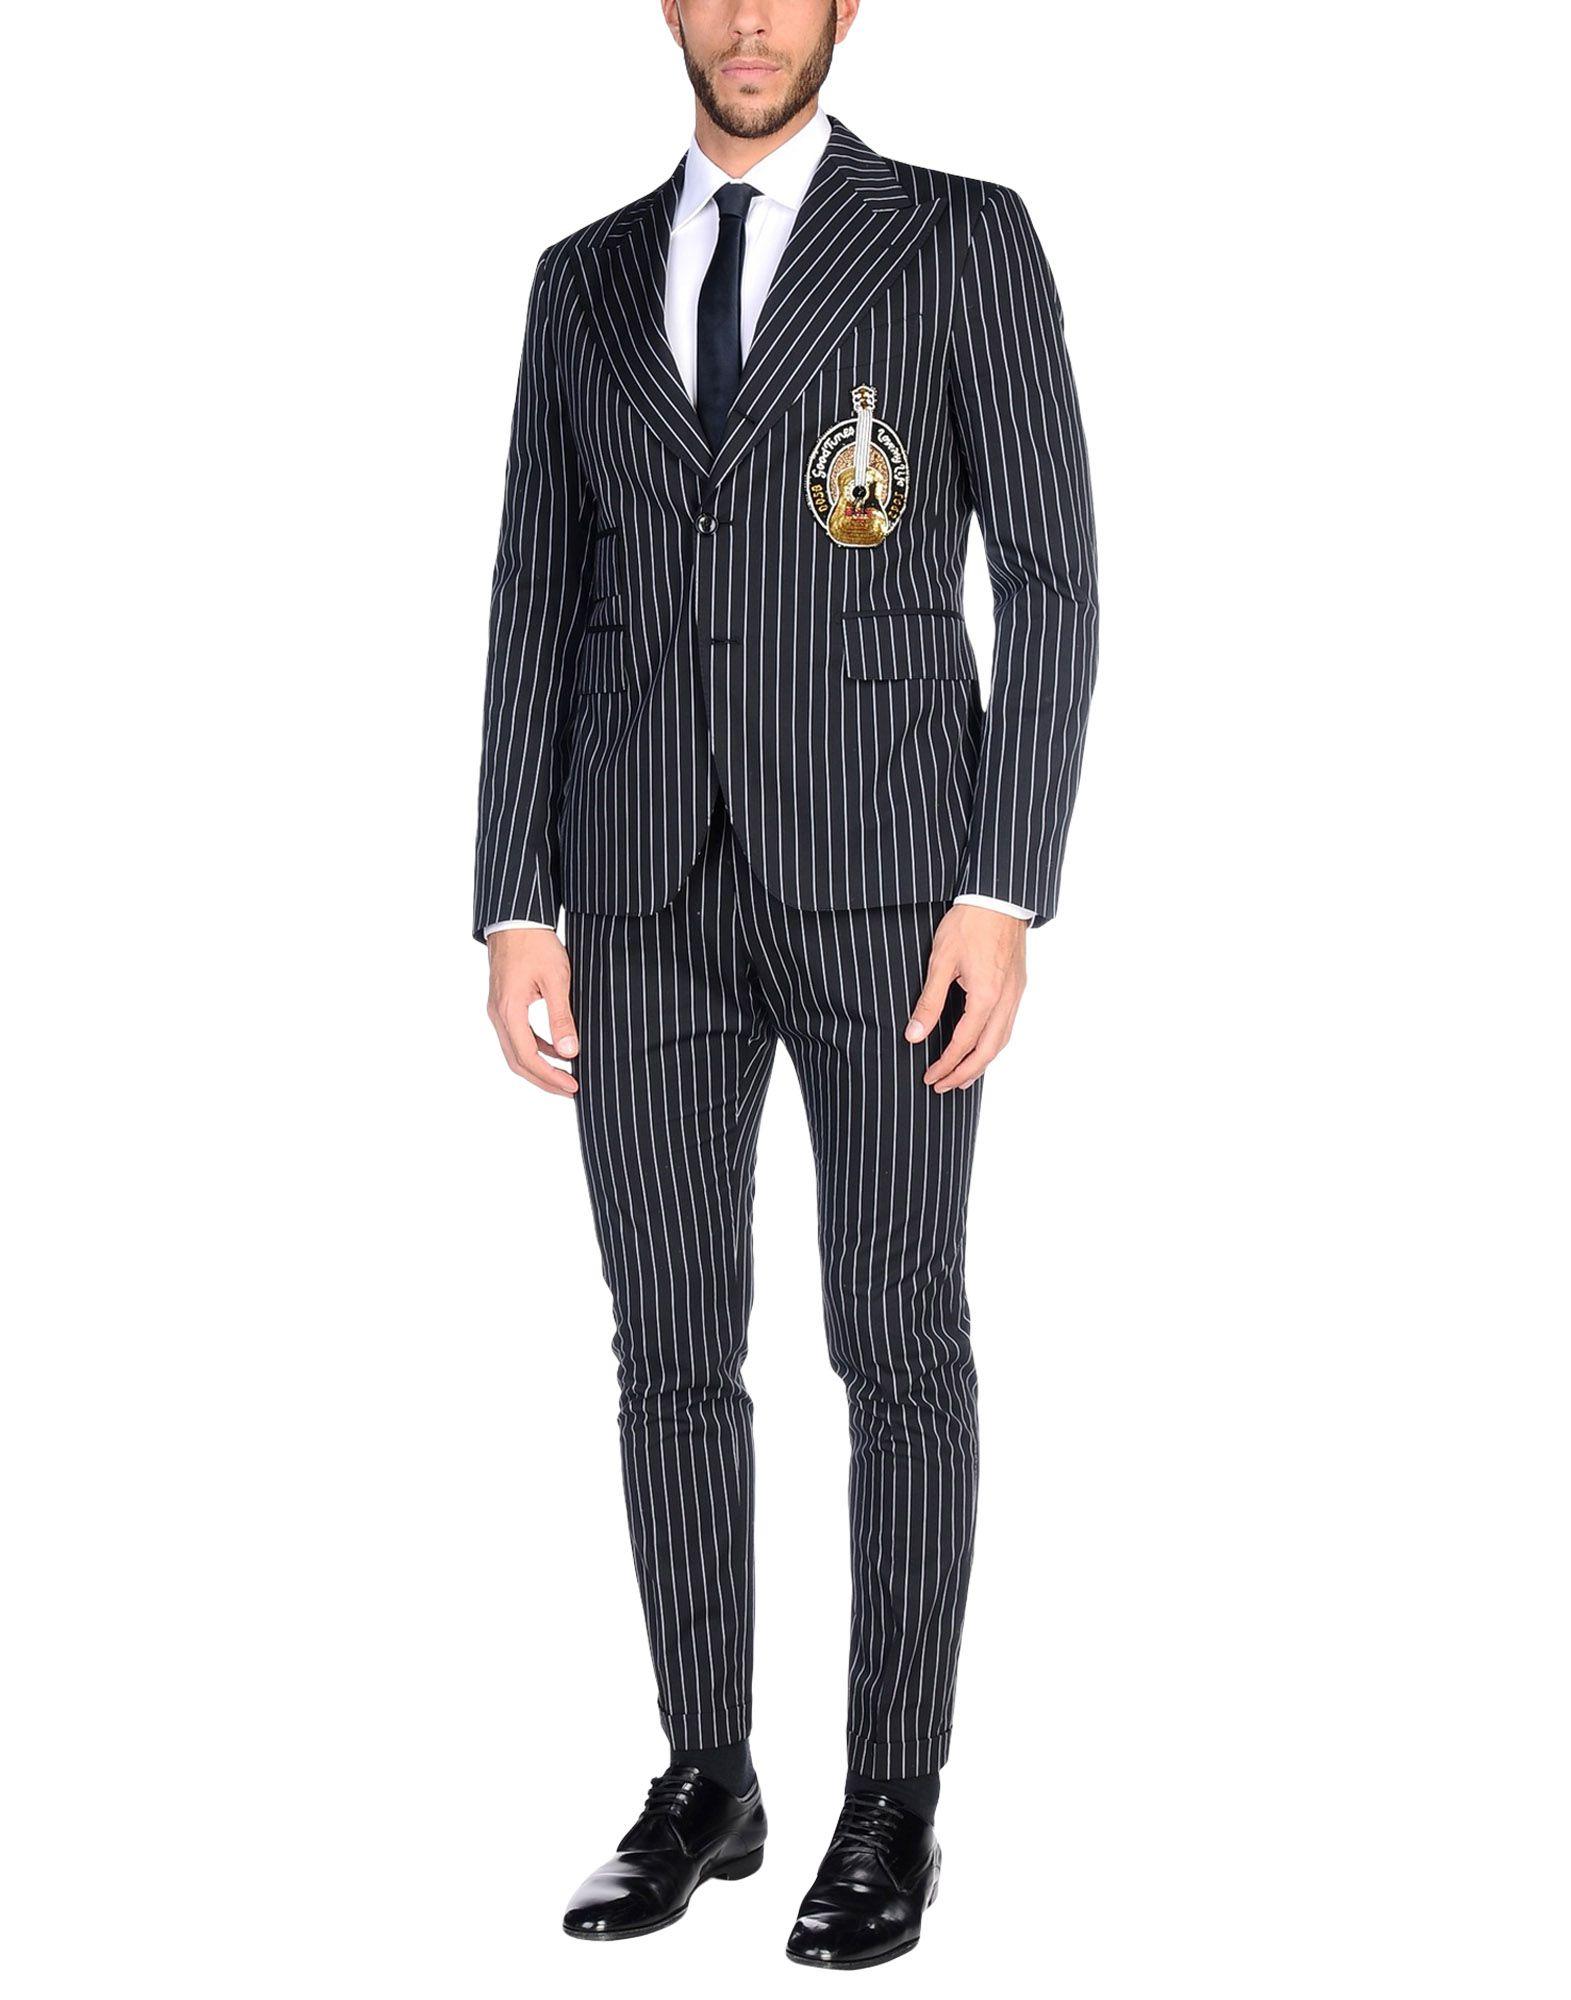 костюм с короткими штанами dolce & gabbana костюм с короткими штанами DOLCE & GABBANA Костюм